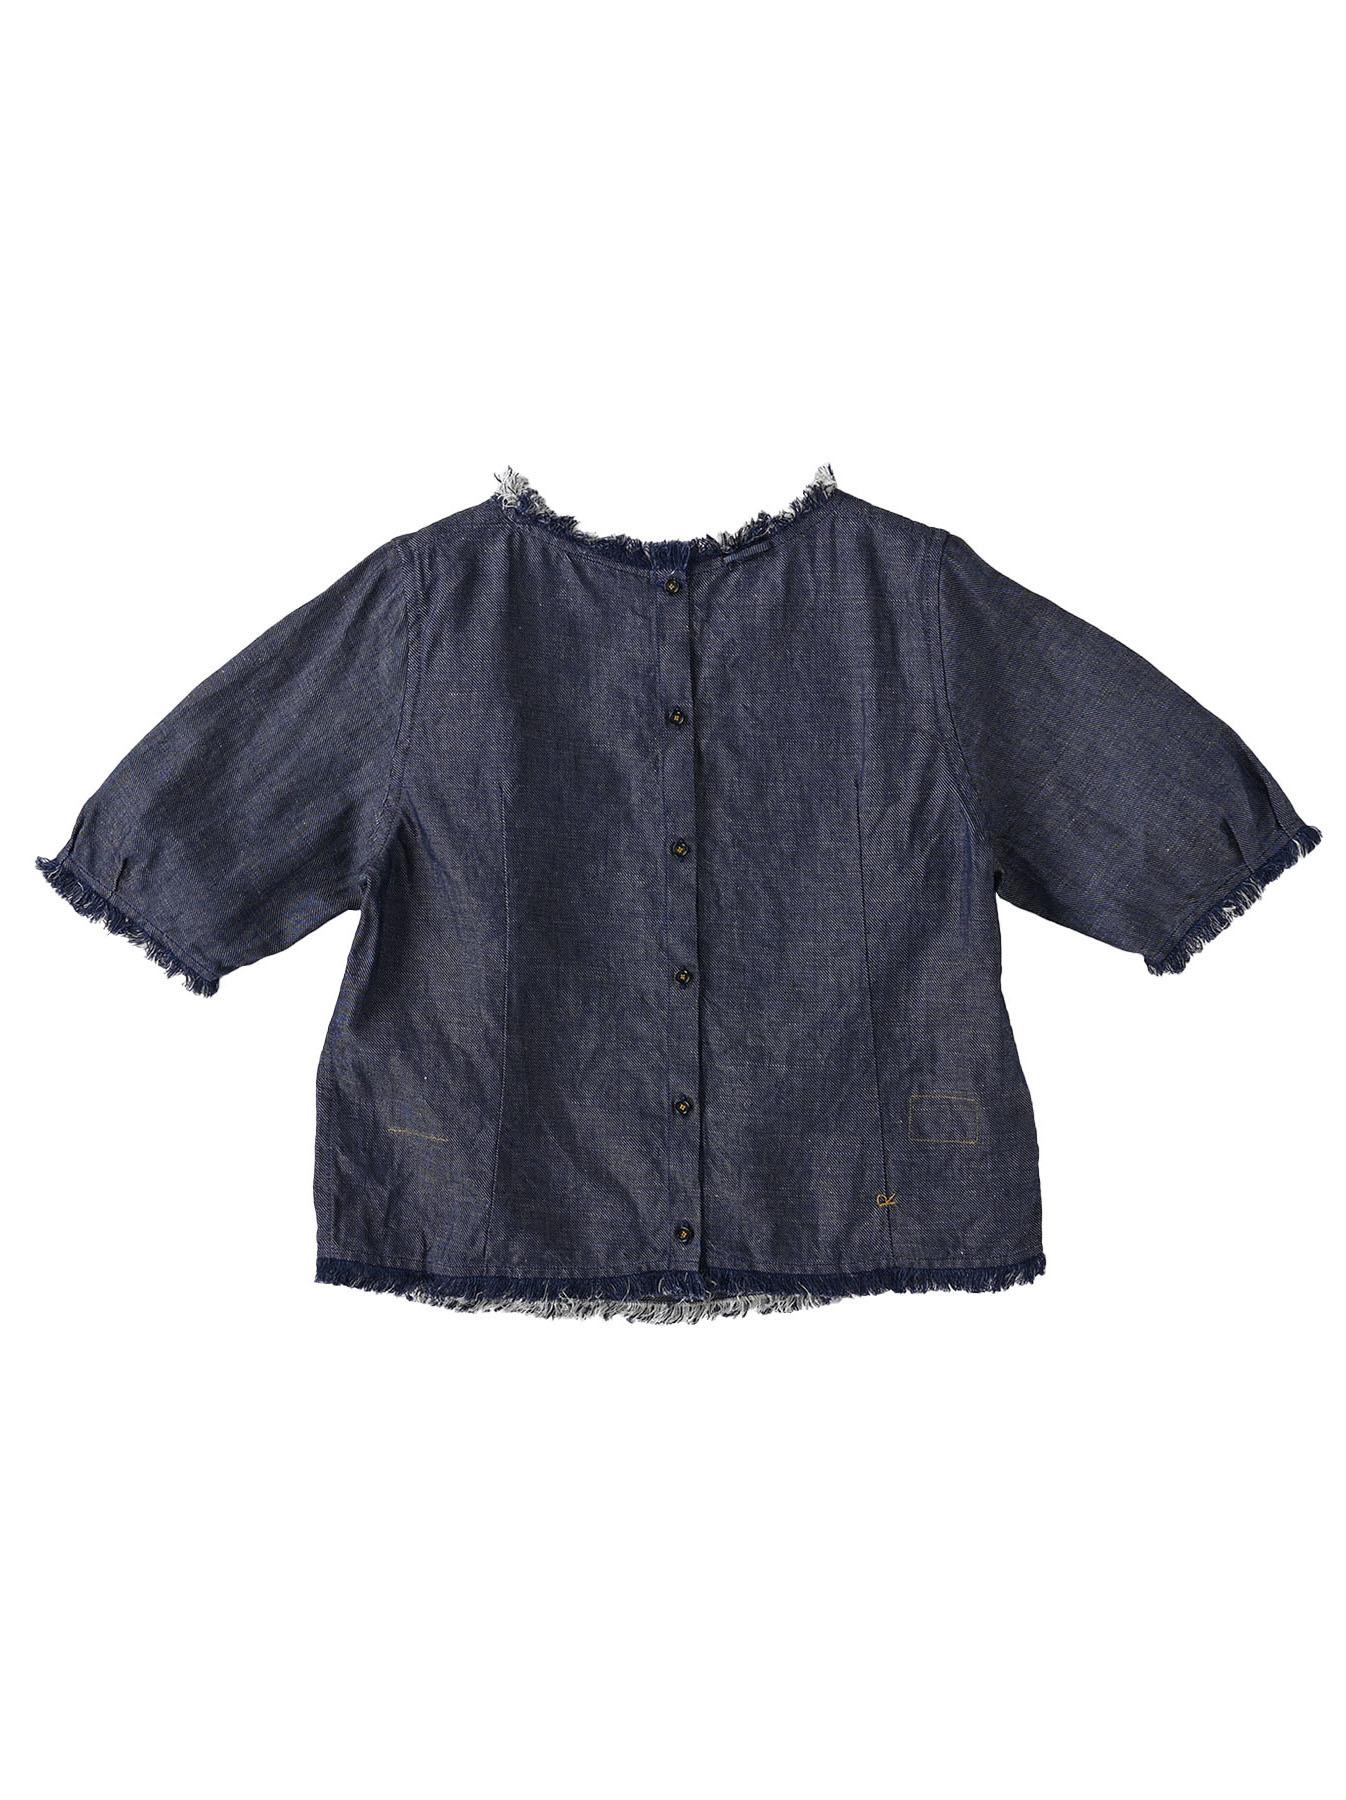 Indigo Cotton Linen Zakkuri Denim Blouse (0521)-6